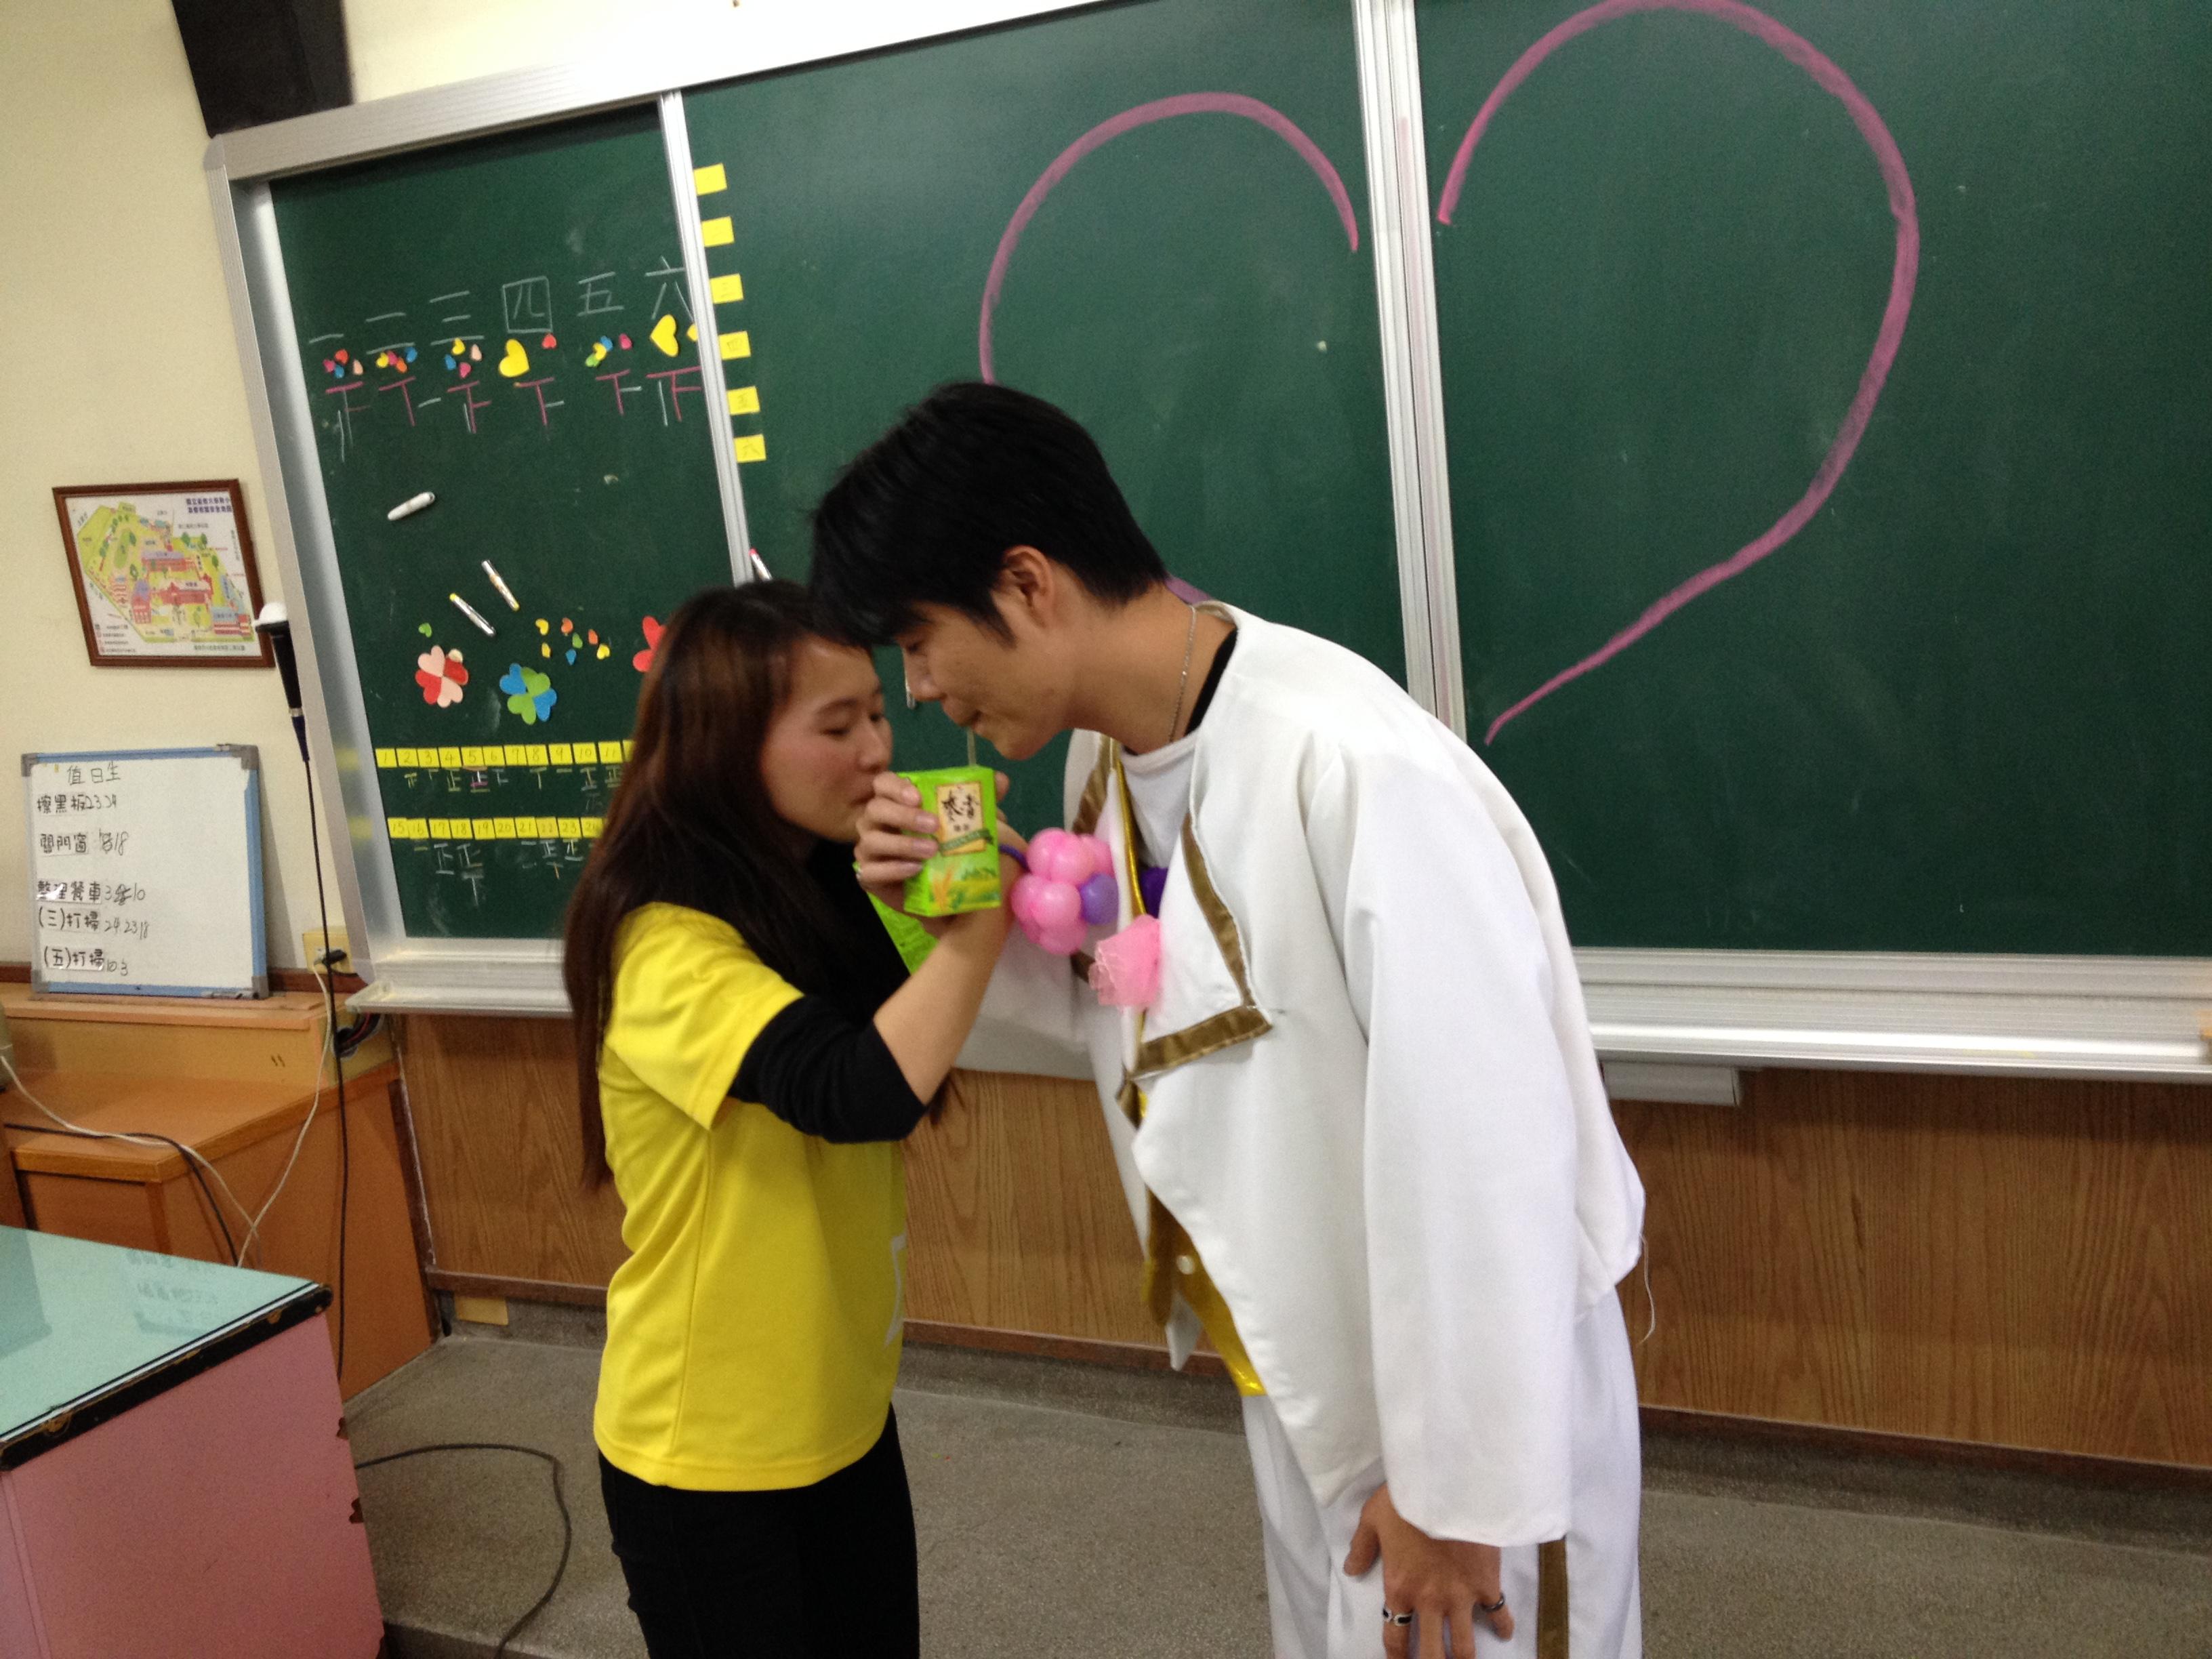 臺南附小求婚規劃 (3)   婚禮魔法師